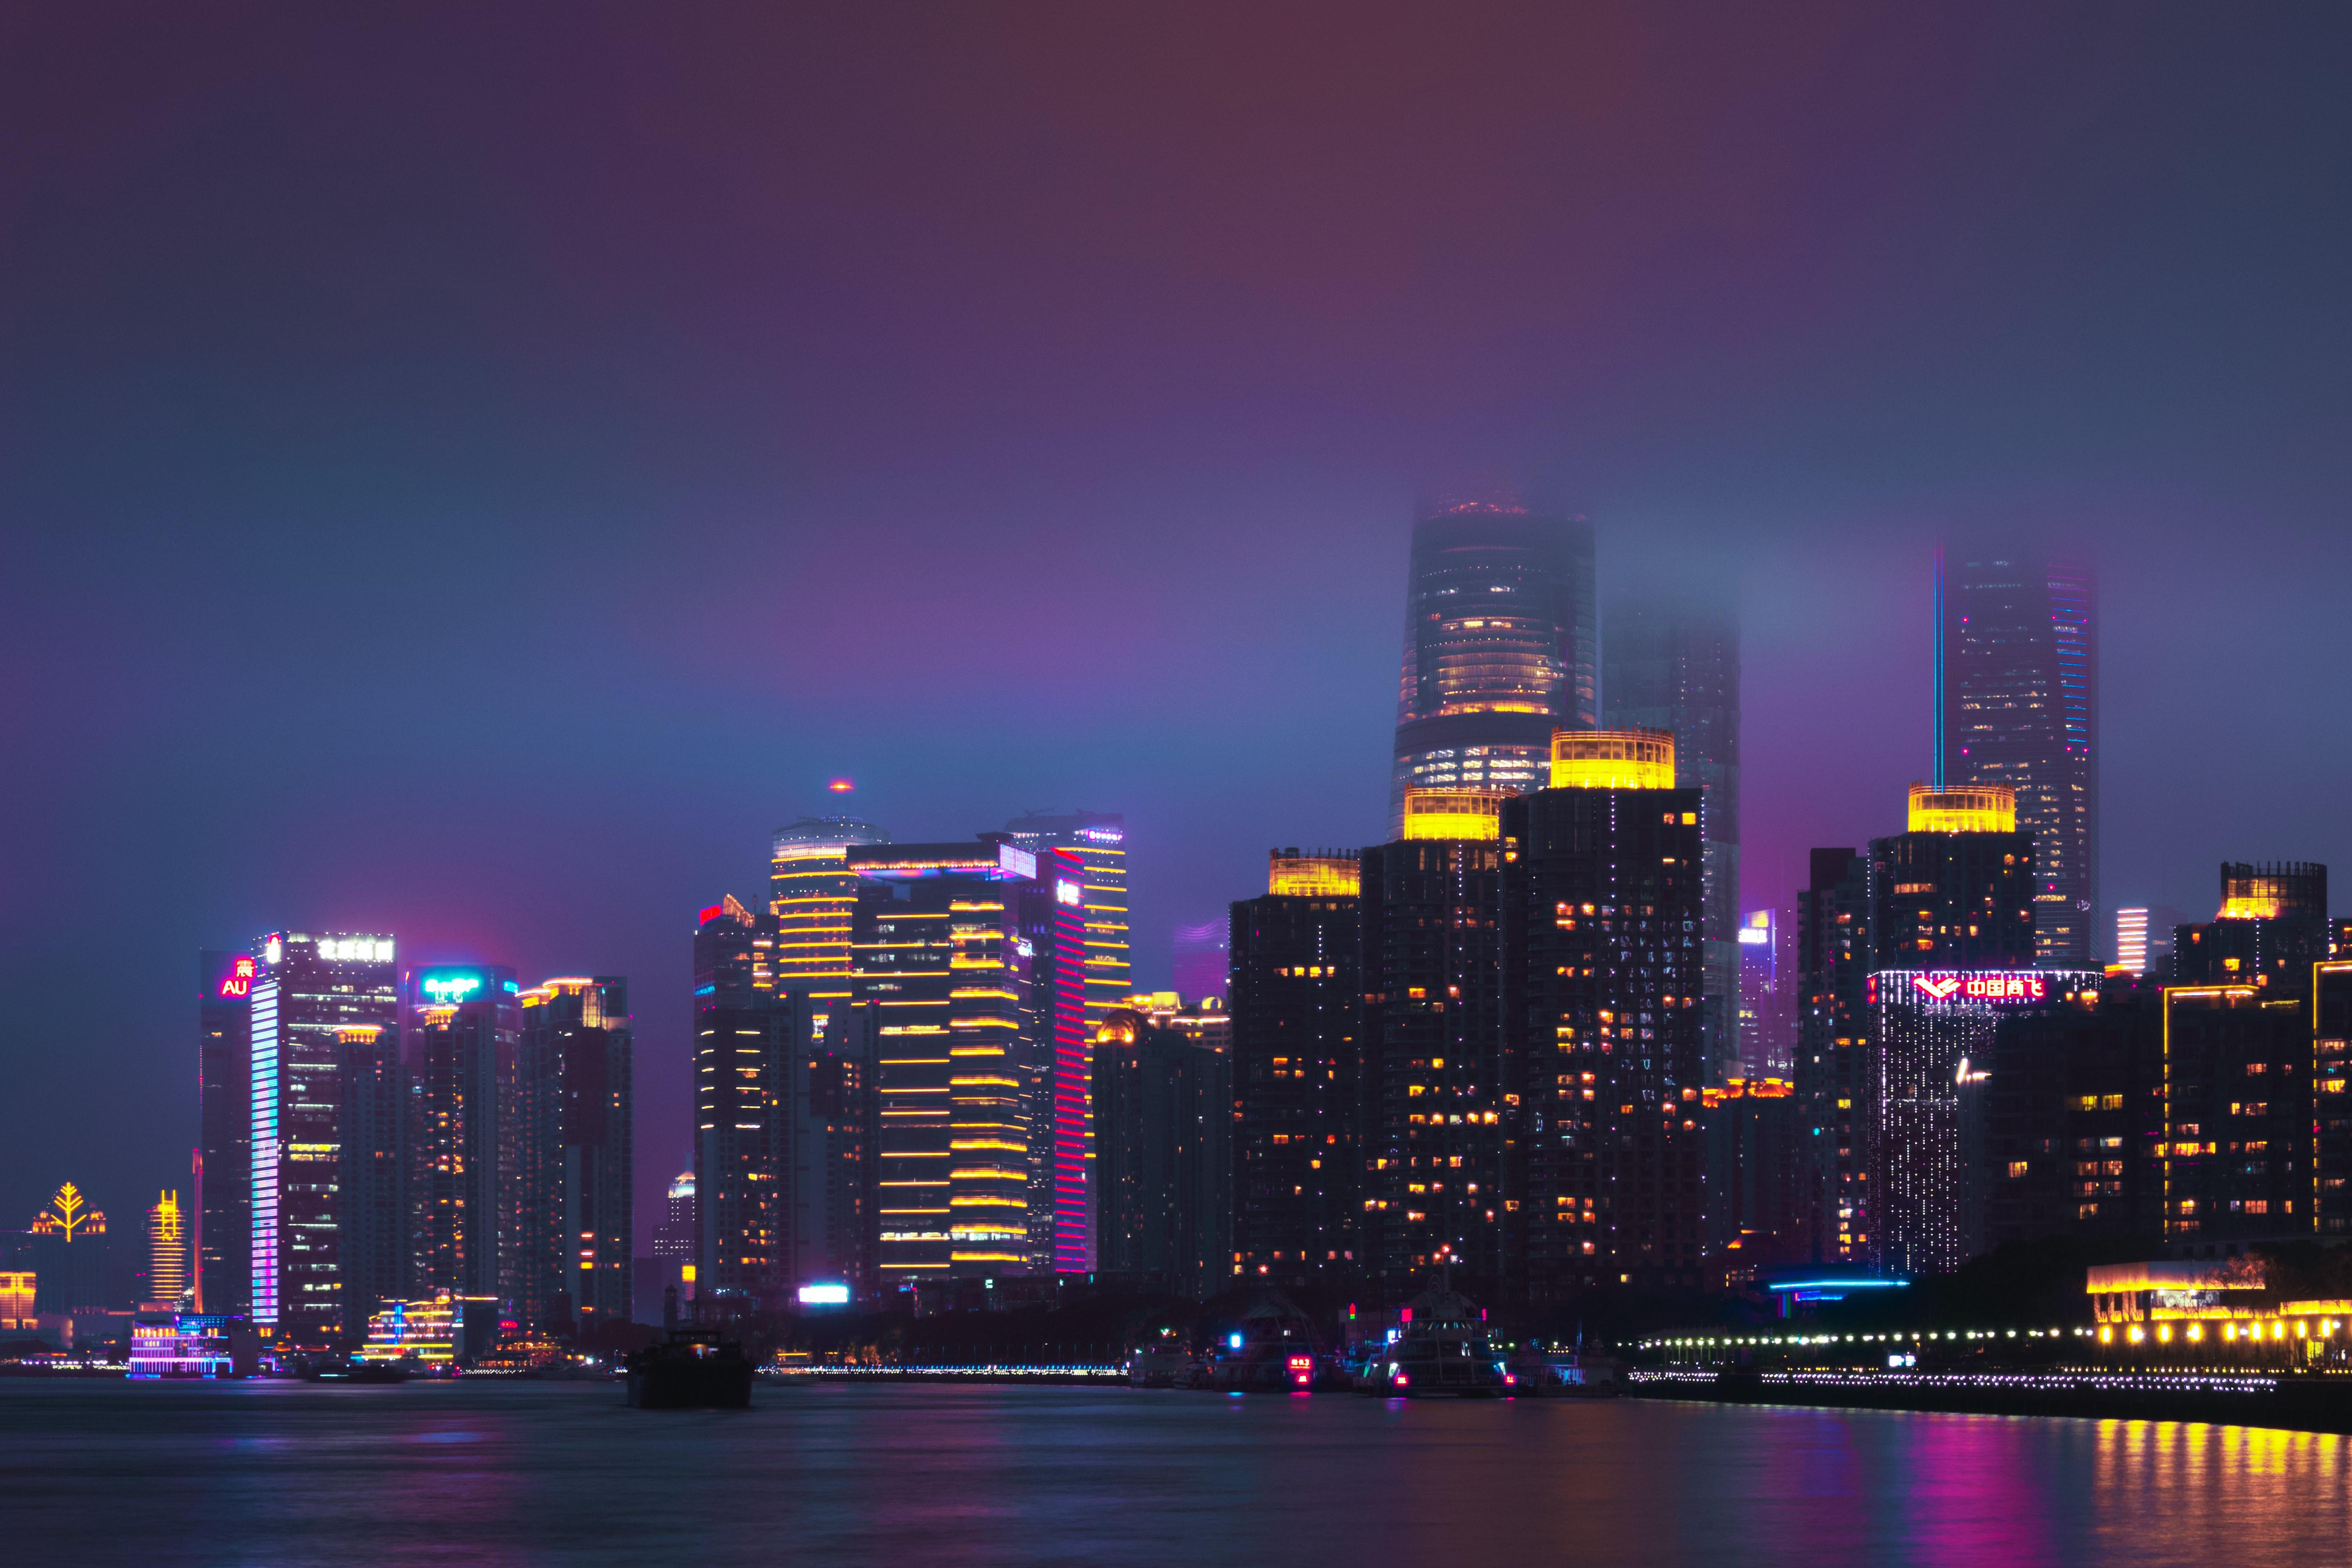 79542壁紙のダウンロード市, 都市, 夜の街, ナイトシティ, 建物, 水, 紫の, 紫-スクリーンセーバーと写真を無料で